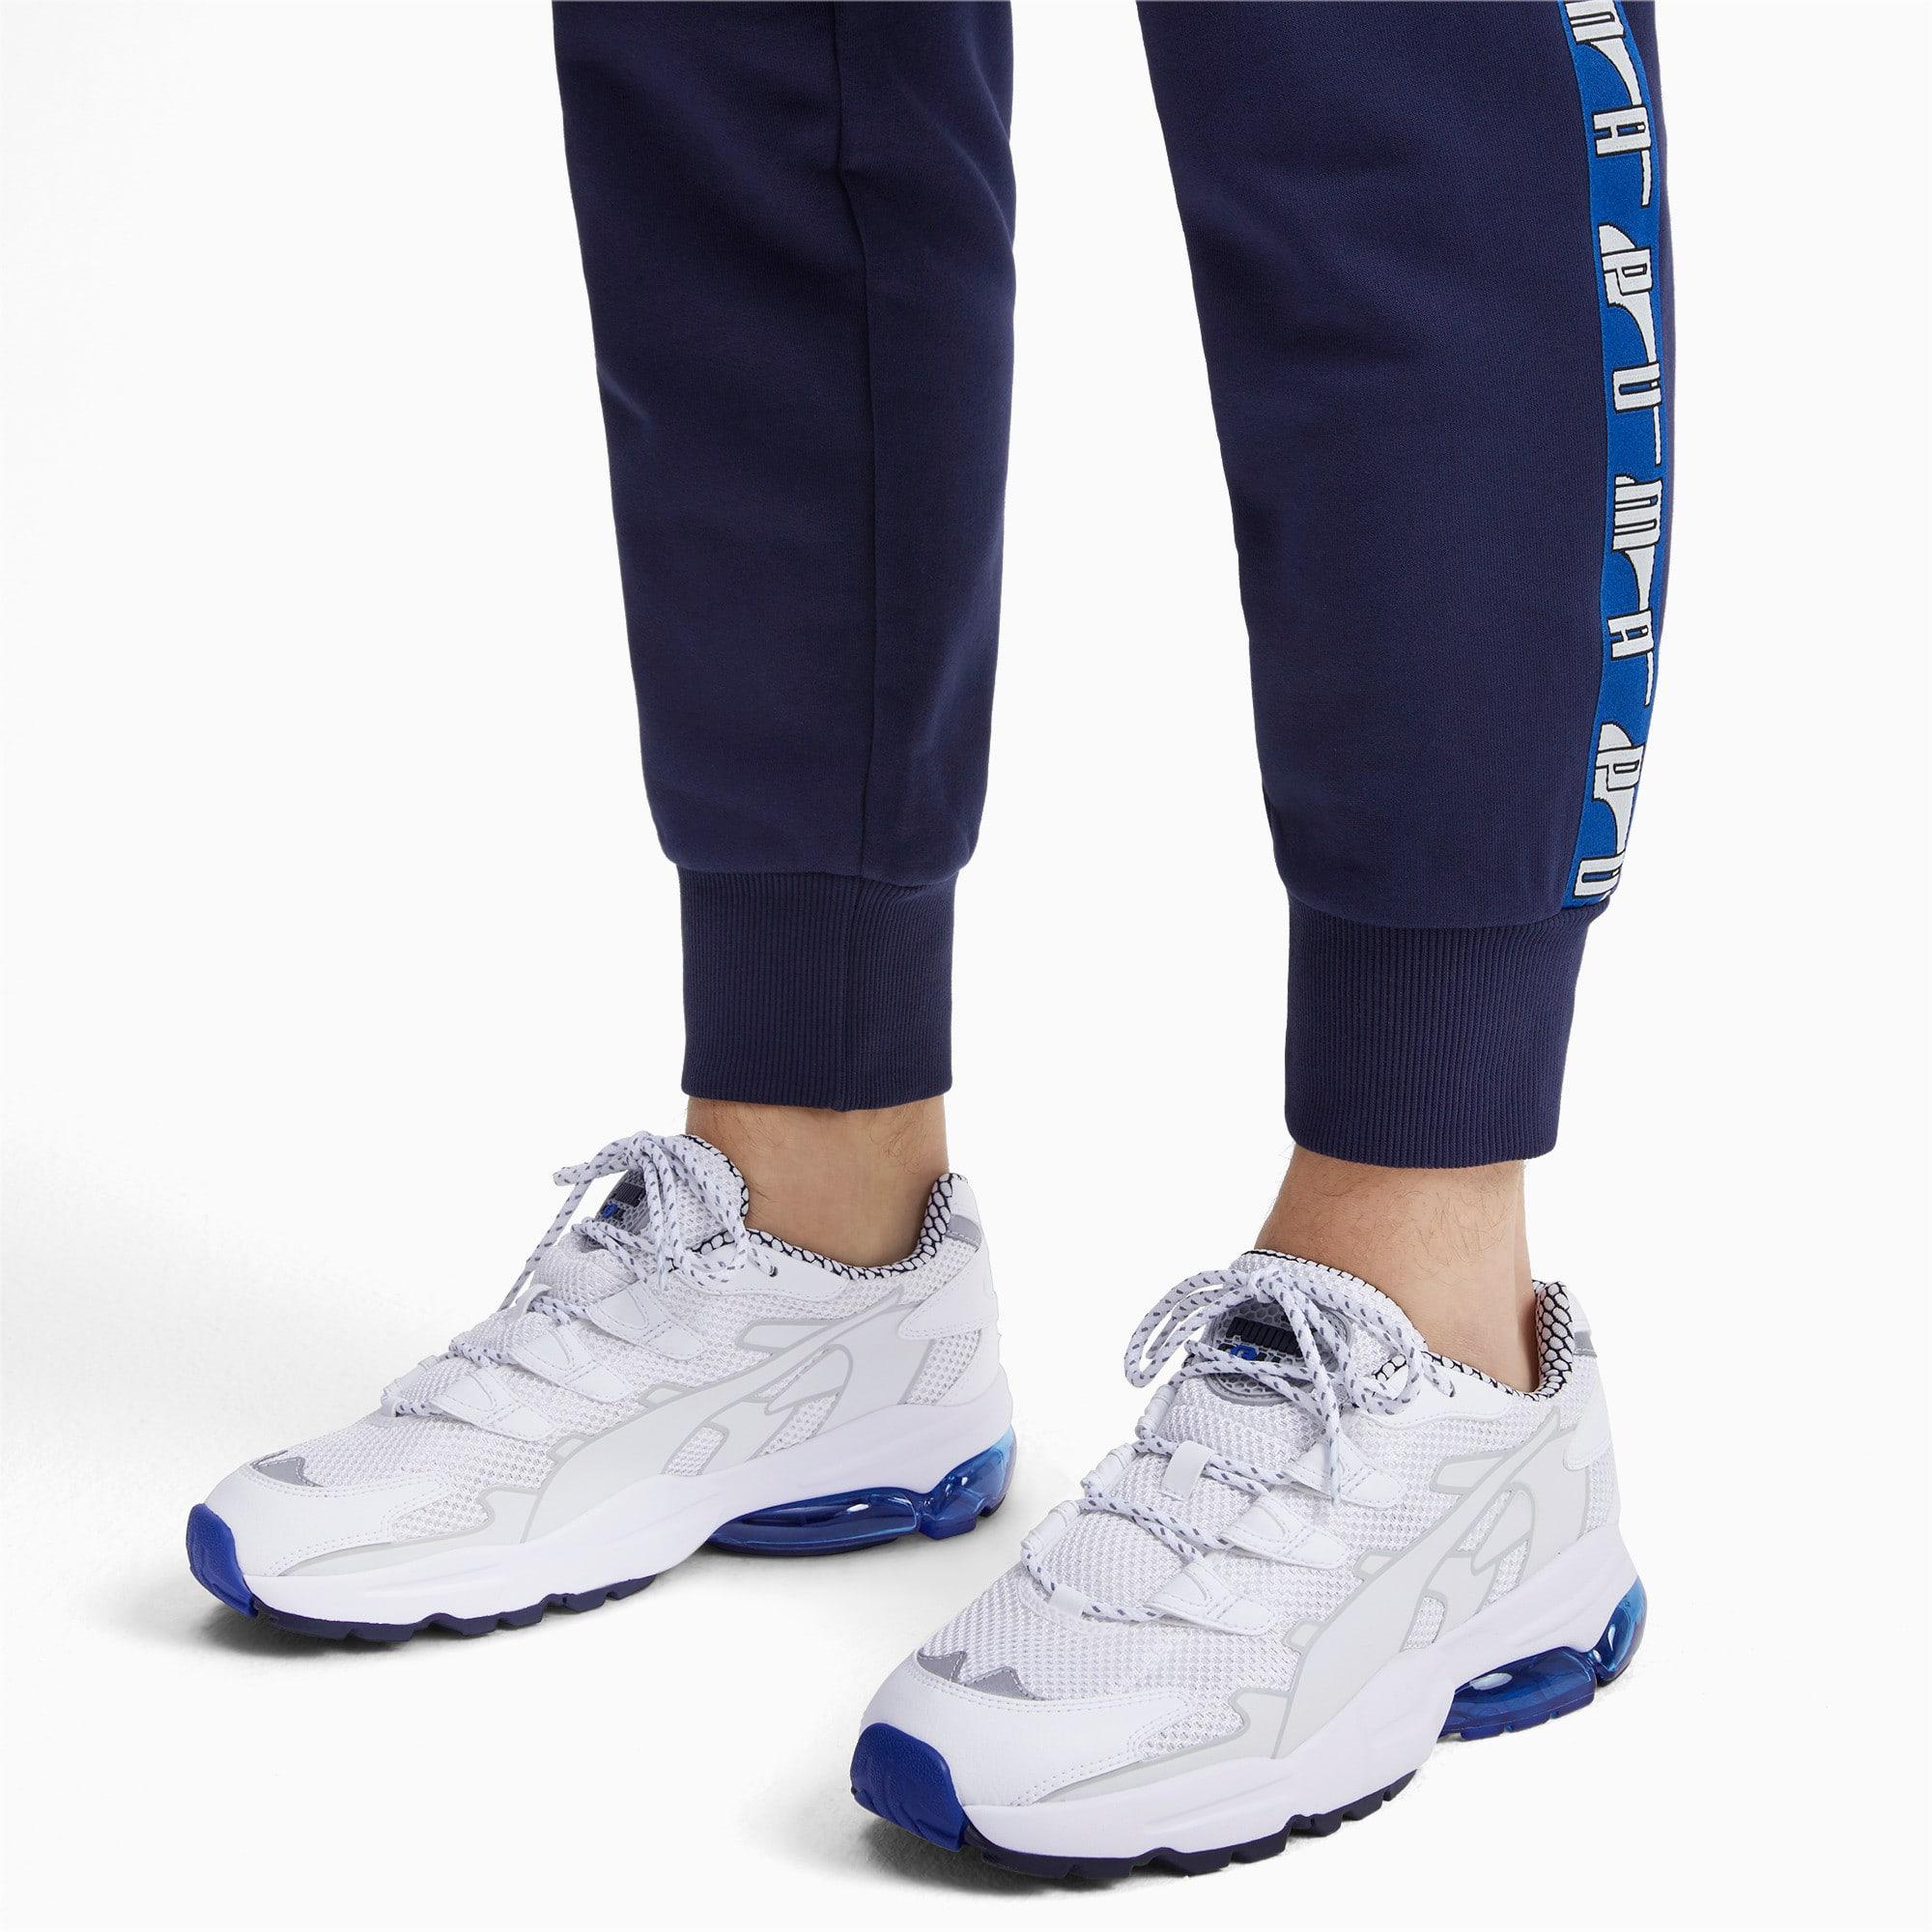 Thumbnail 2 of CELL Alien Kotto Sneakers, Puma White-Puma White, medium